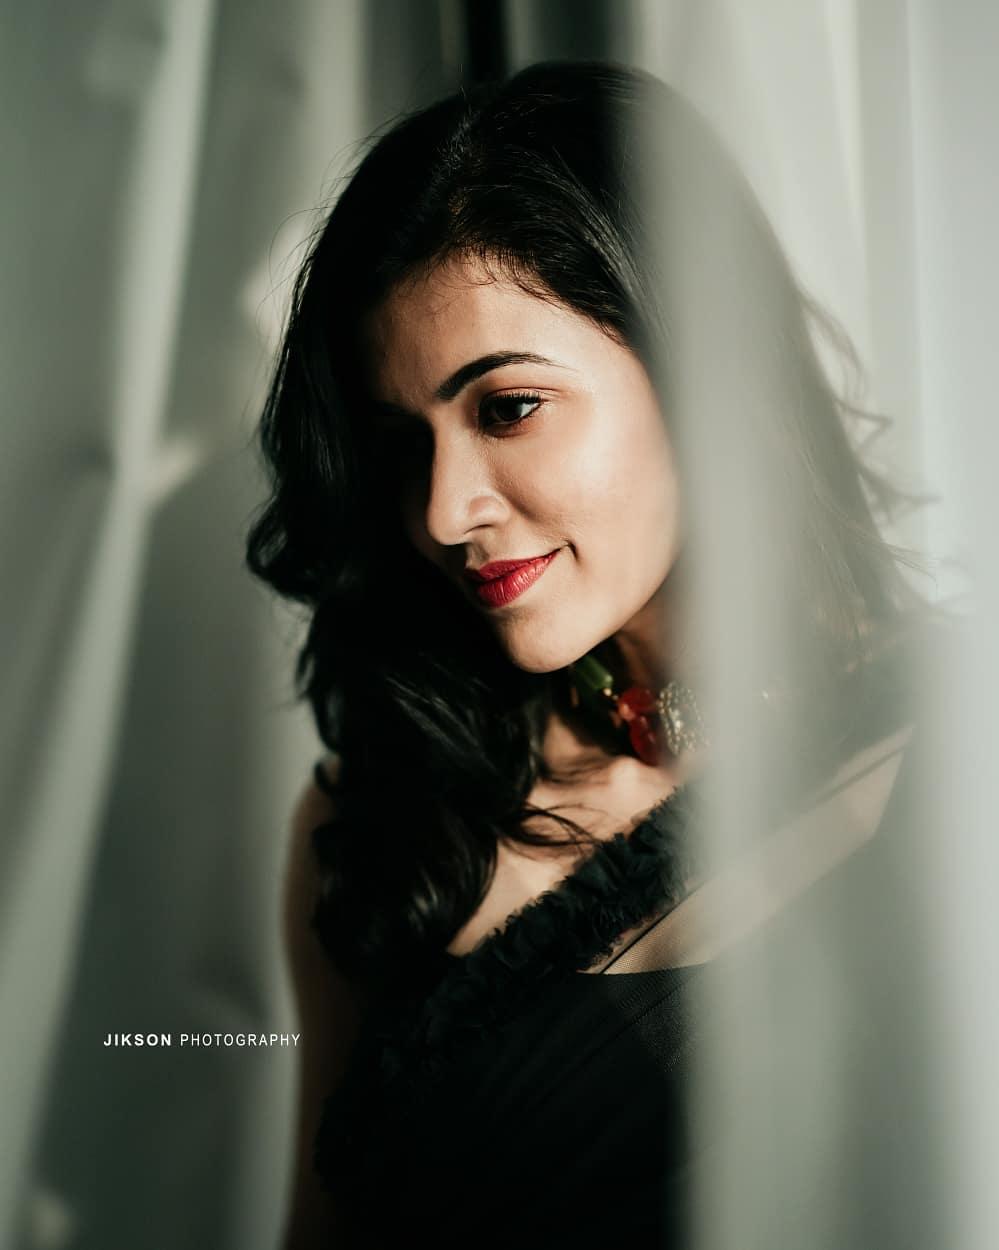 South Indian Actress Anju Kurian Looking Hot in Black Saree